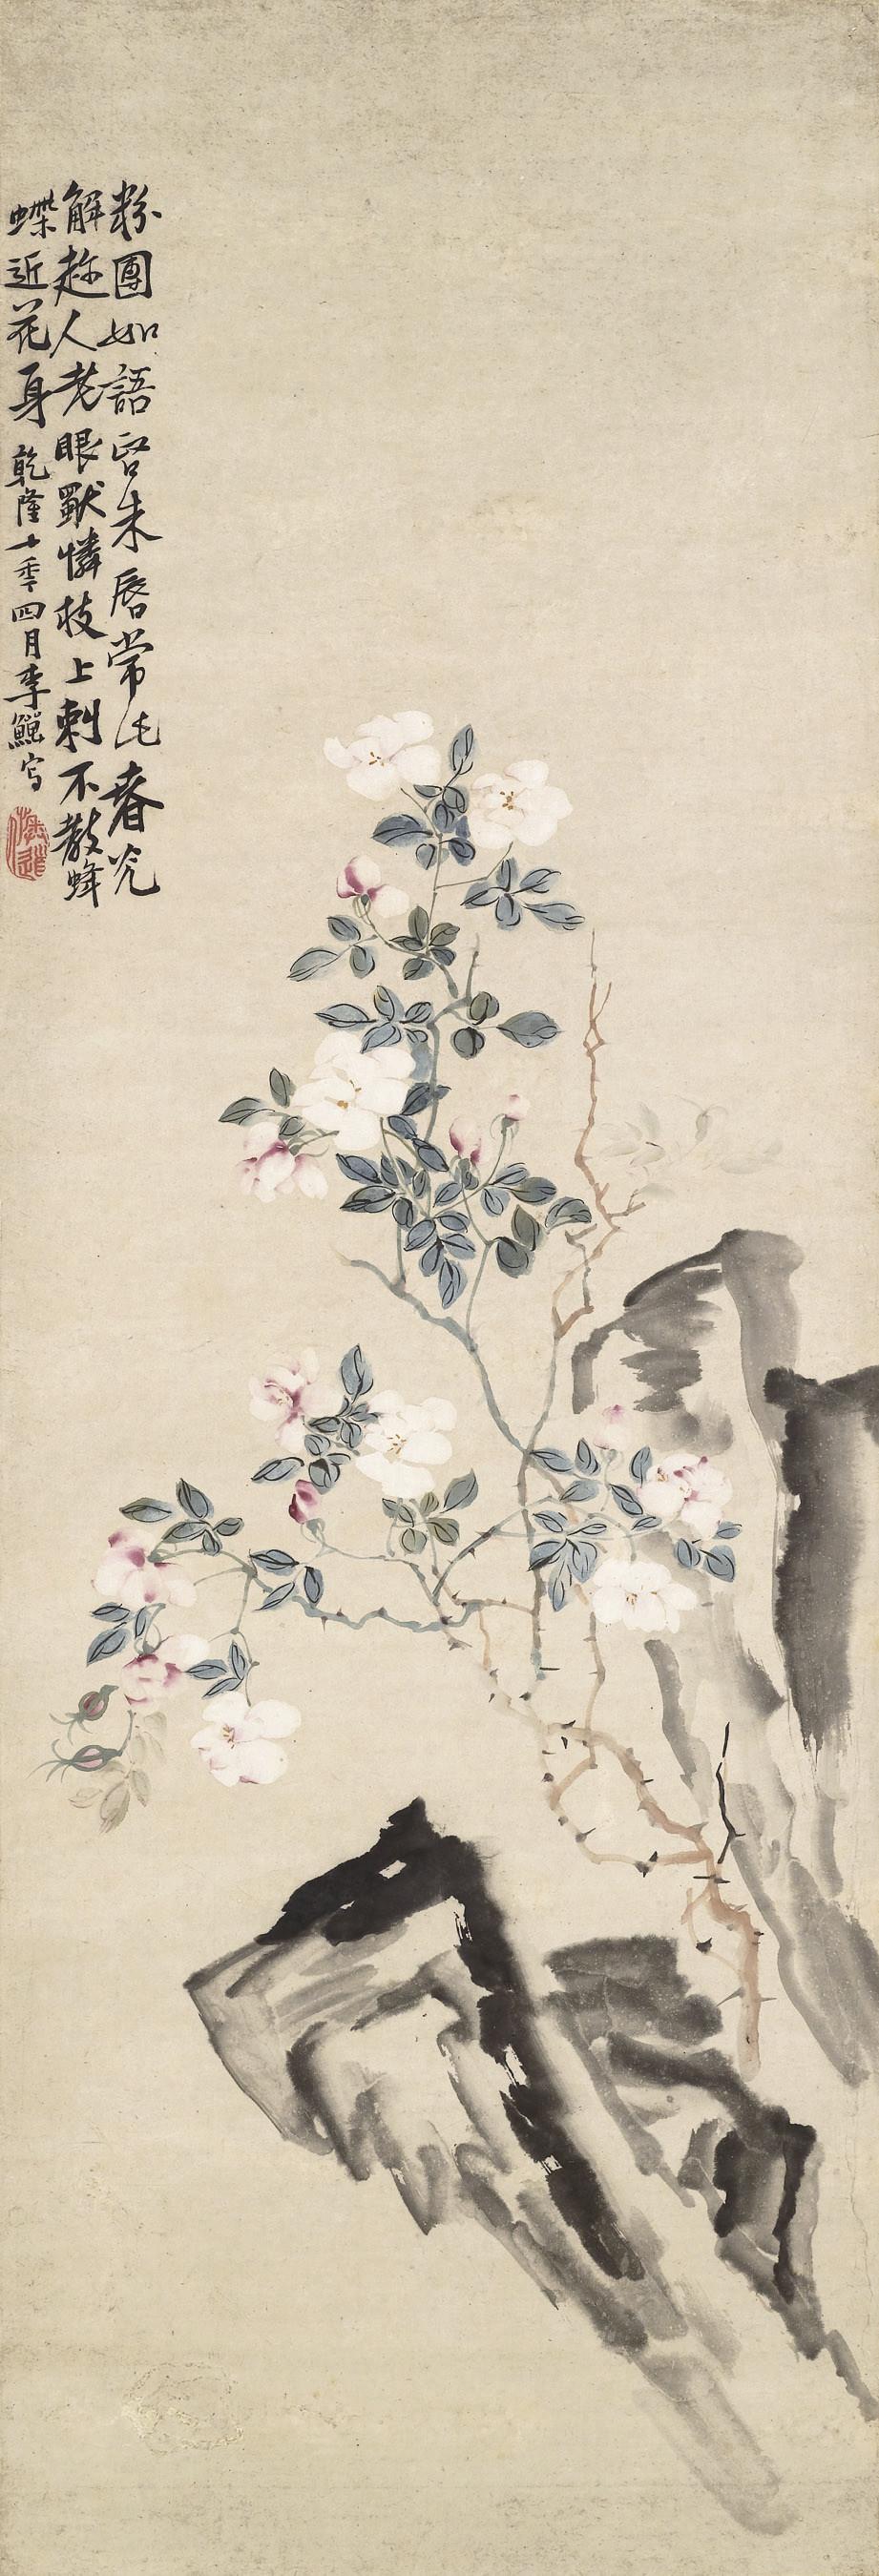 LI SHAN(1686-1763)